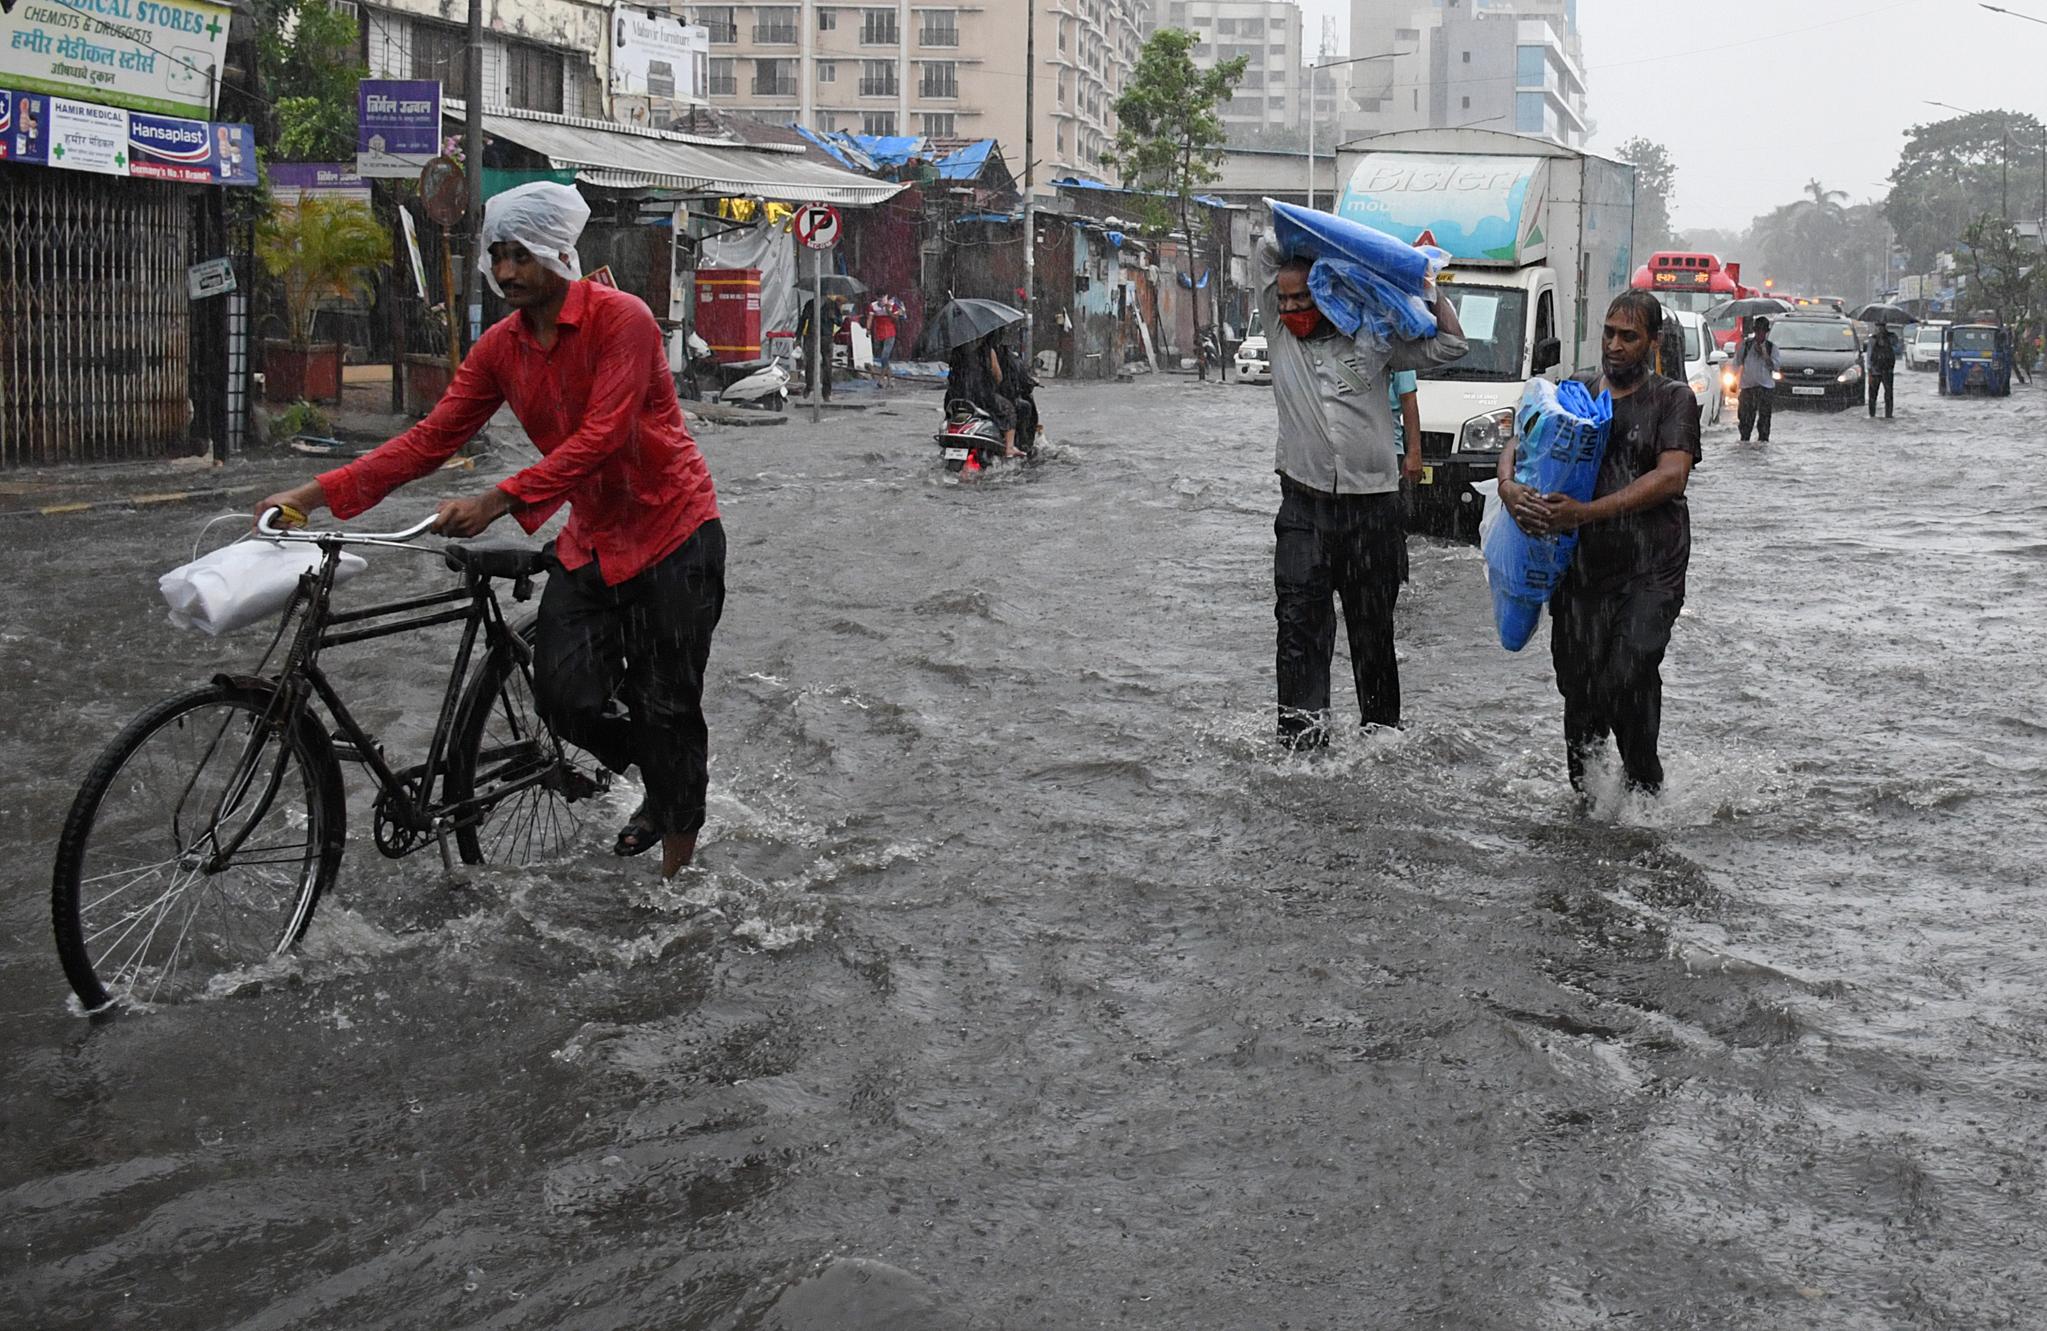 17일(현지시간) 사이클론 타우크테가 몰고온 폭우로 뭄바이 등 인도 서부 지역에 폭우가 내렸다. 도로가 침수된 가운데 시민들이 대피하고 있다. EPA=연합뉴스